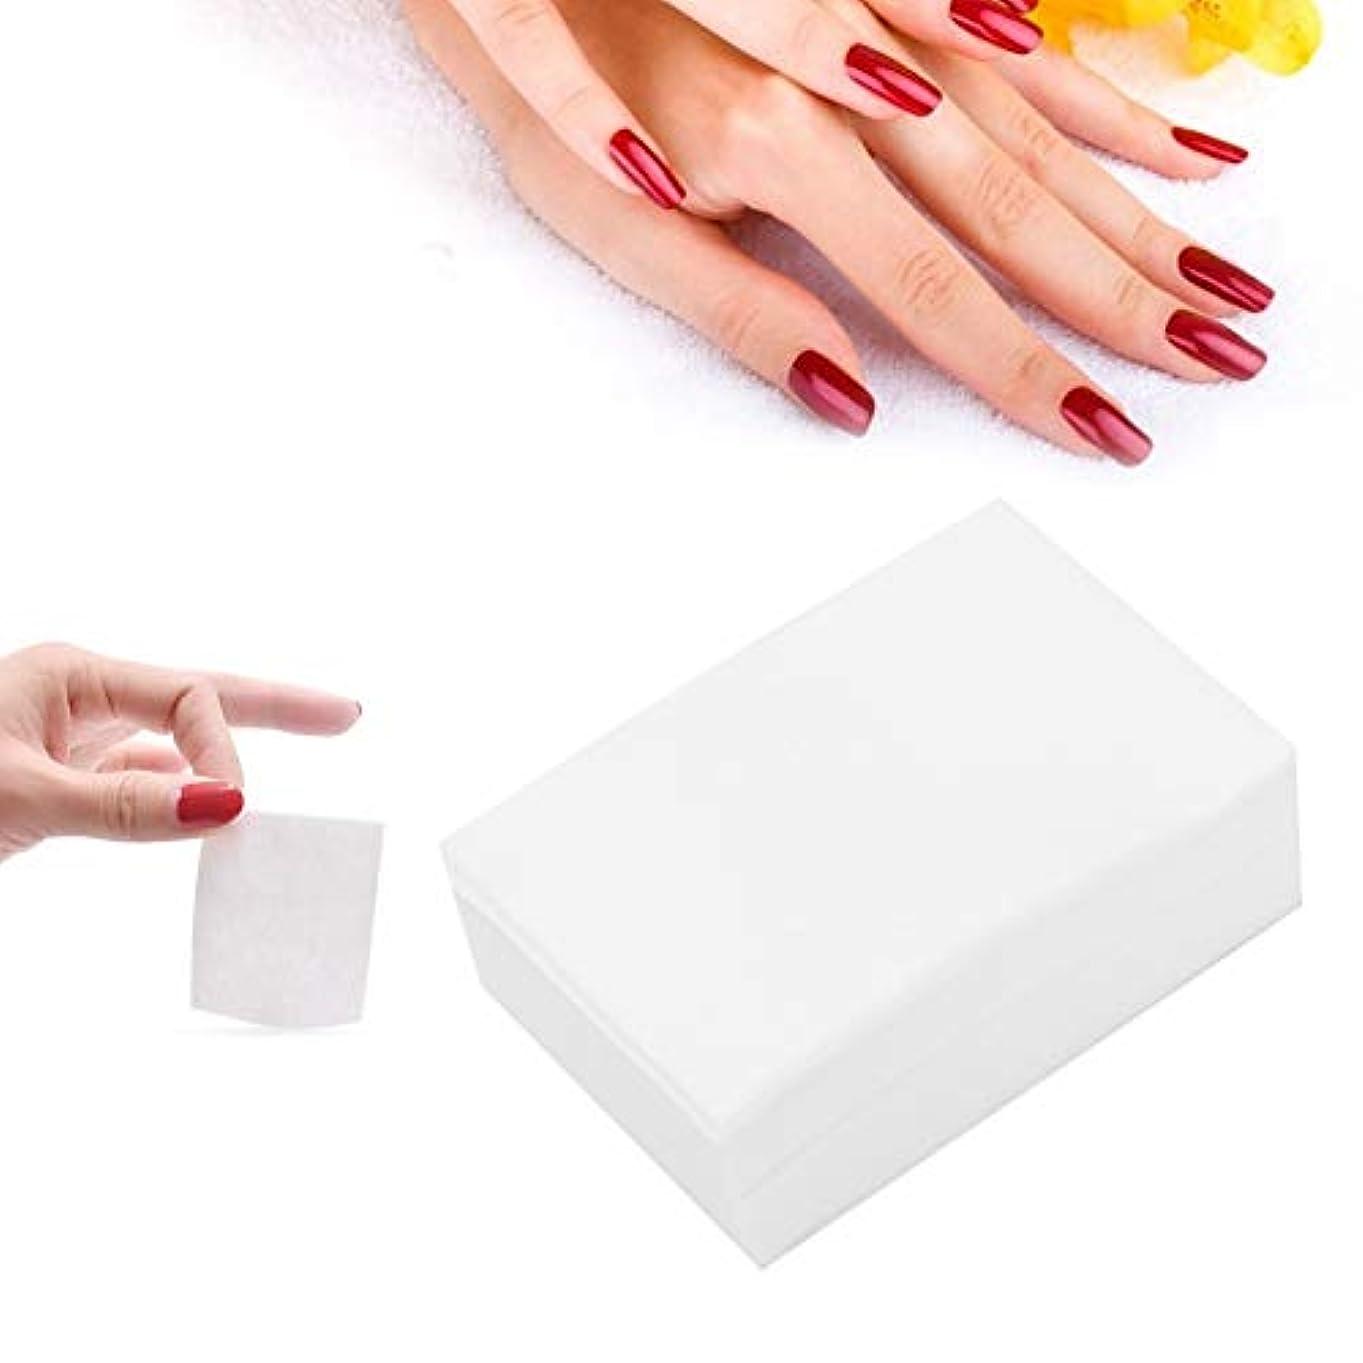 性交フロー廃棄300ピース化粧コットンパッド 使い捨てフェイスクレンジング拭き取り用メイク落としモイスチャースキンミラークリーン